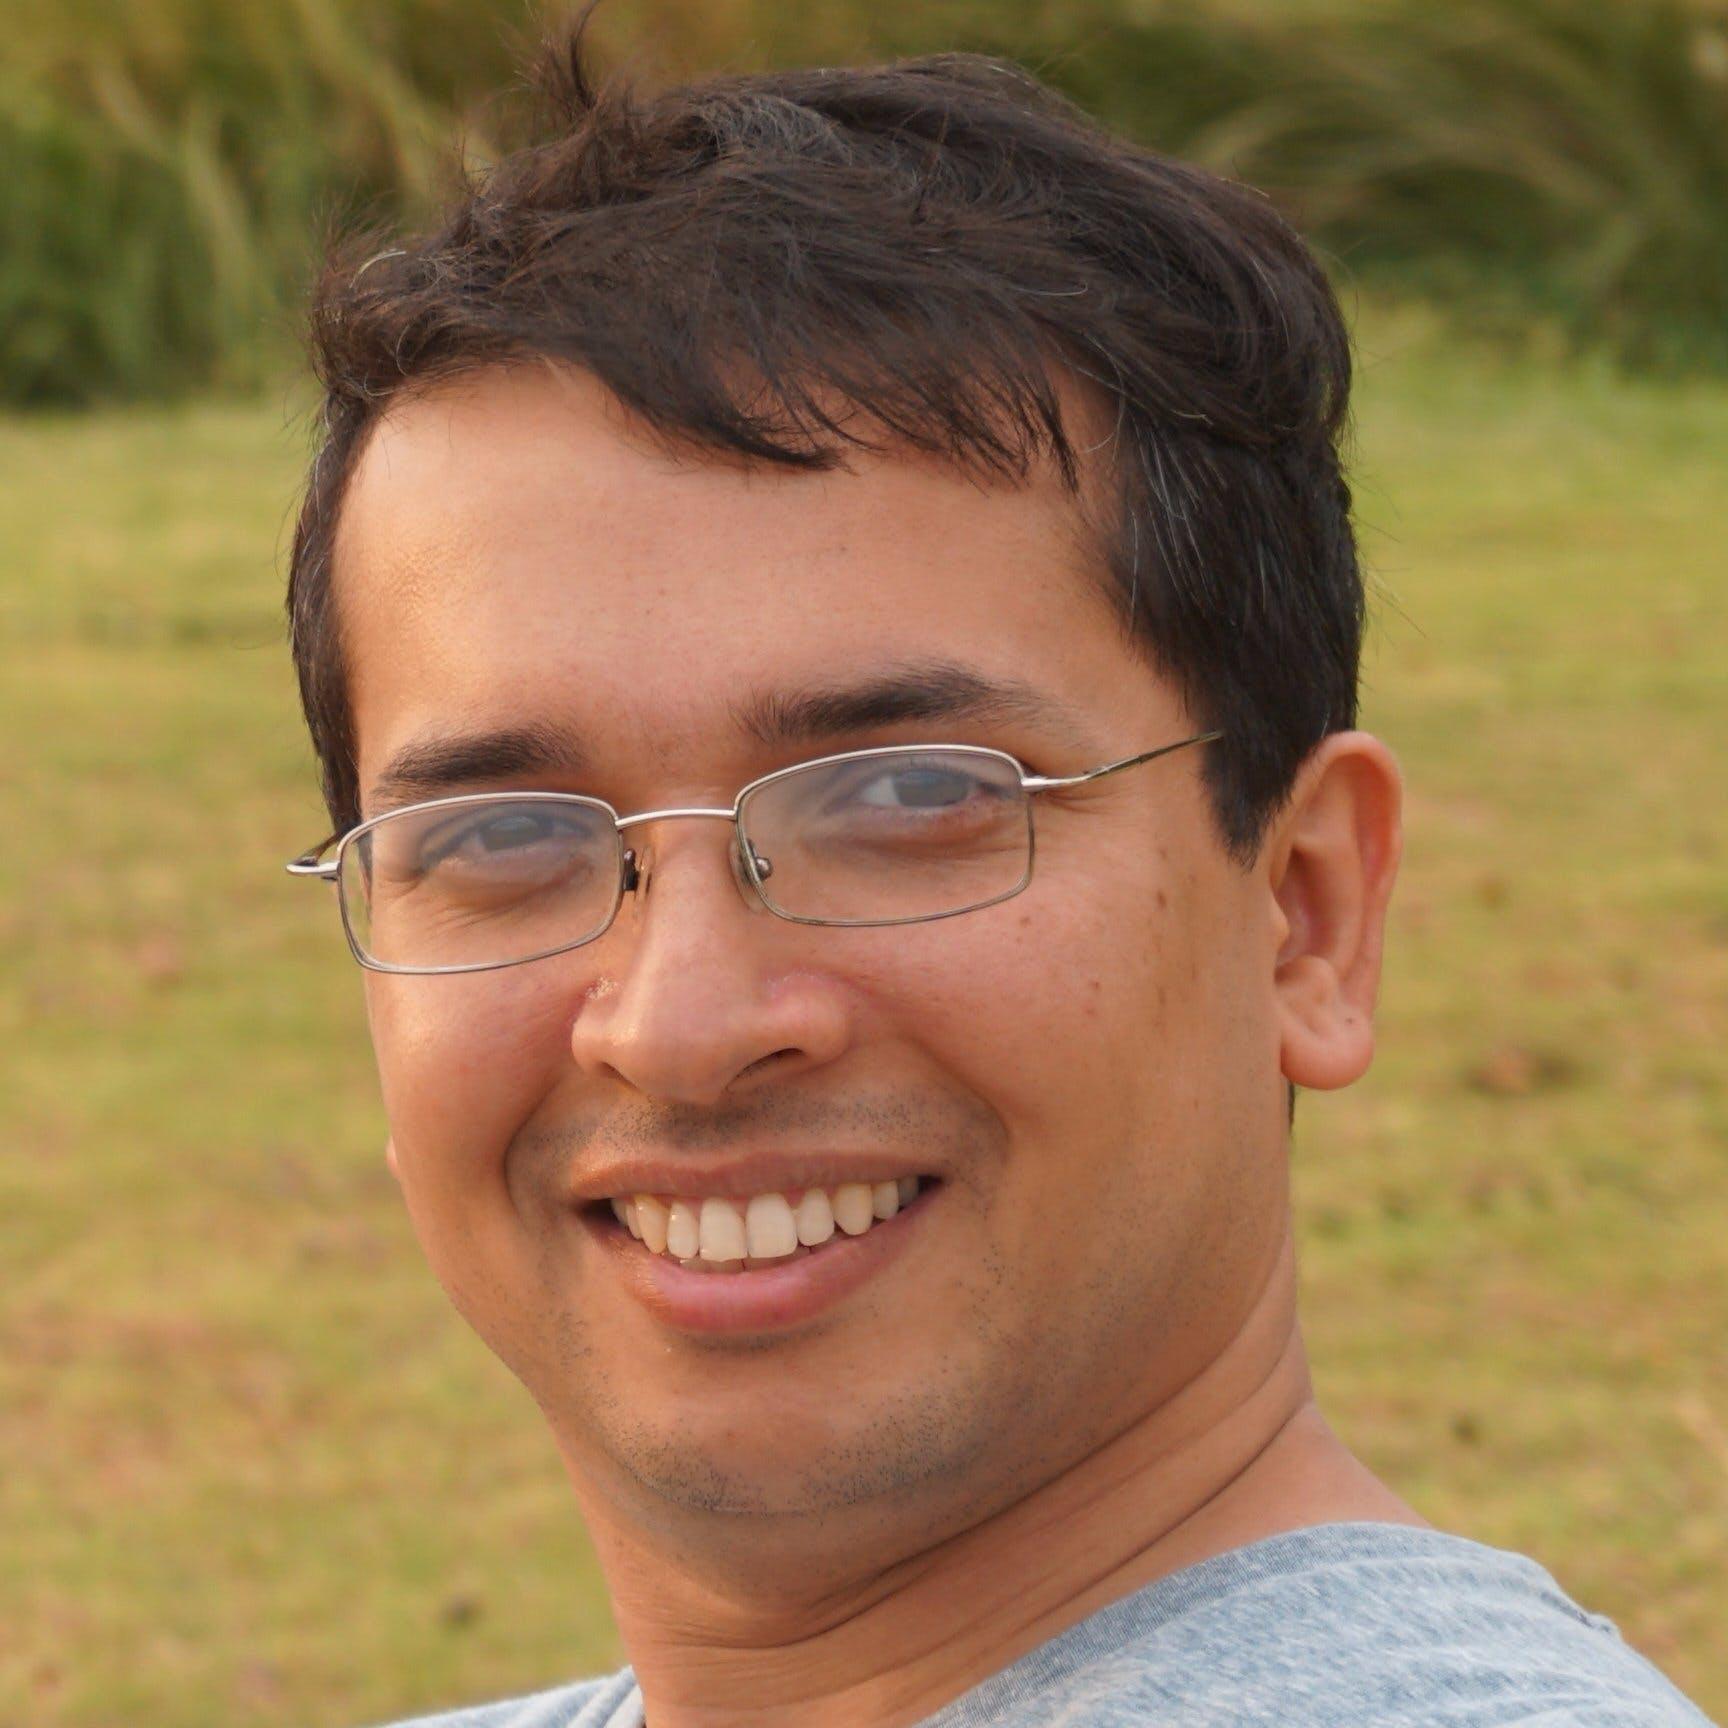 Sujay Phadke